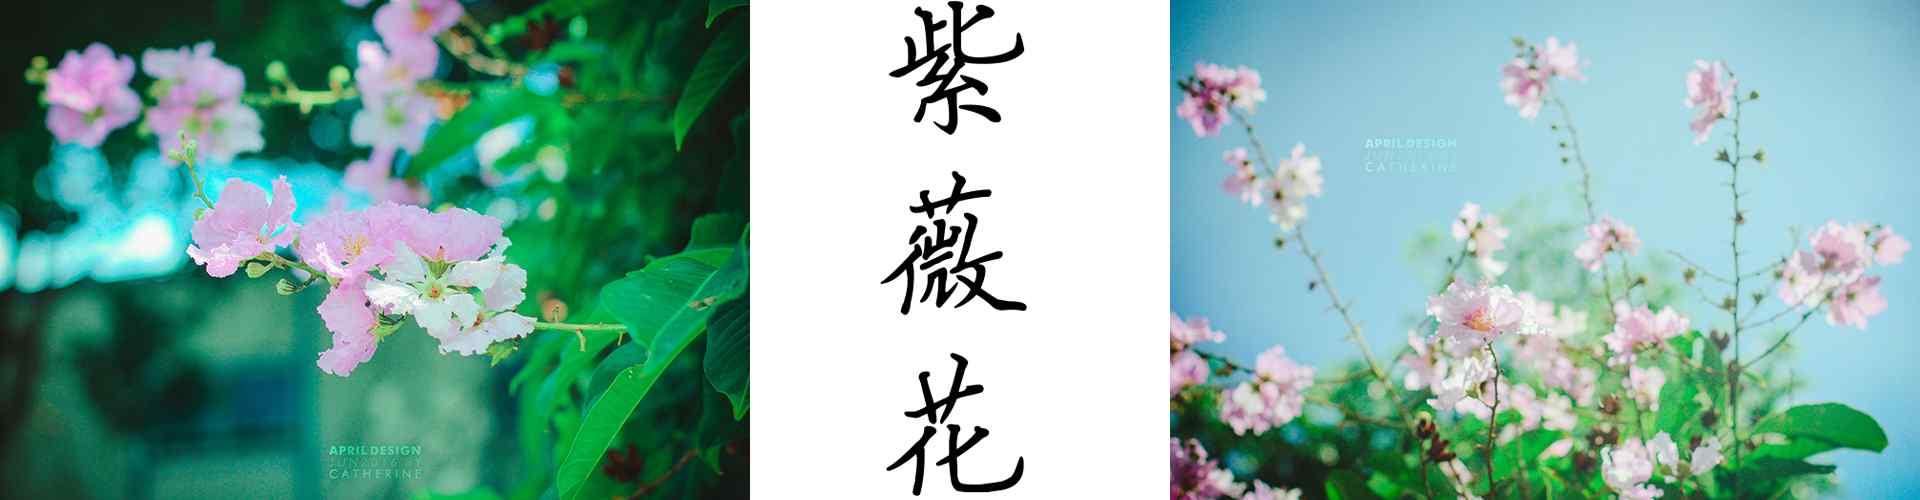 紫薇花(hua)_紫薇花(hua)圖片(pian)_紫薇花(hua)花(hua)語寓意_鮮(xian)花(hua)圖片(pian)大(da)全_植物壁紙(zhi)